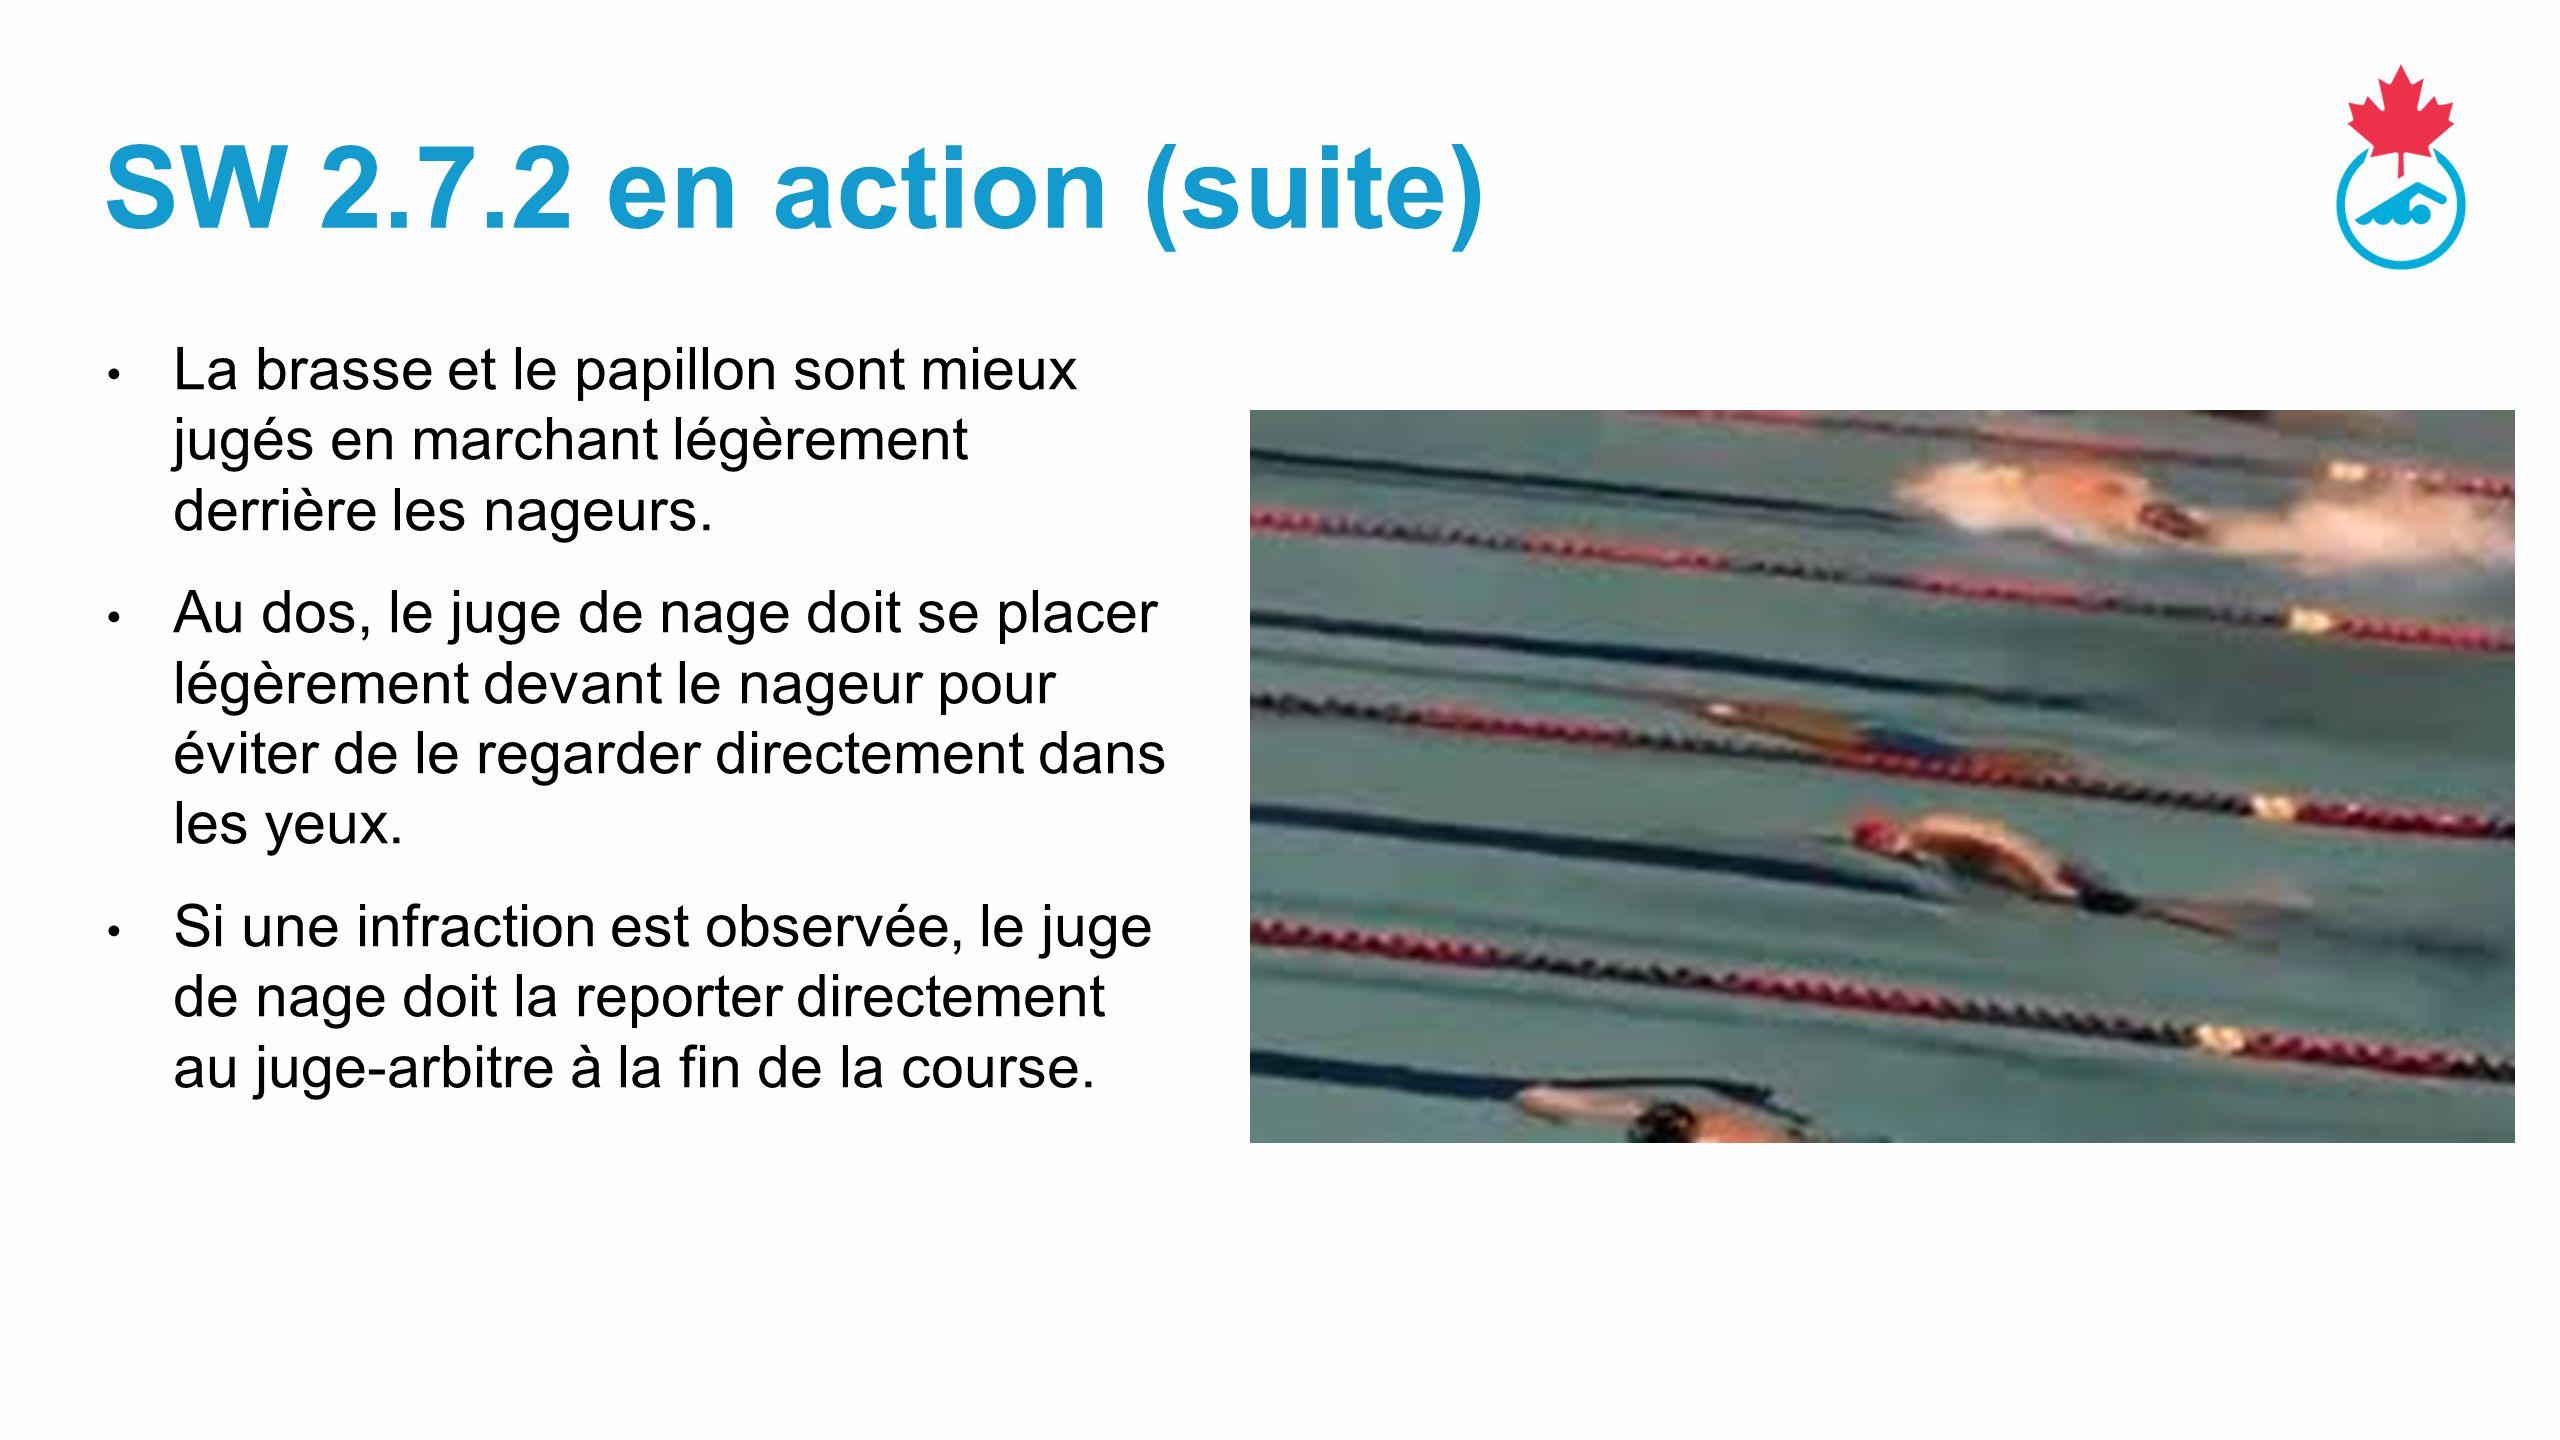 SW 2.7.2 en action (suite) La brasse et le papillon sont mieux jugés en marchant légèrement derrière les nageurs.